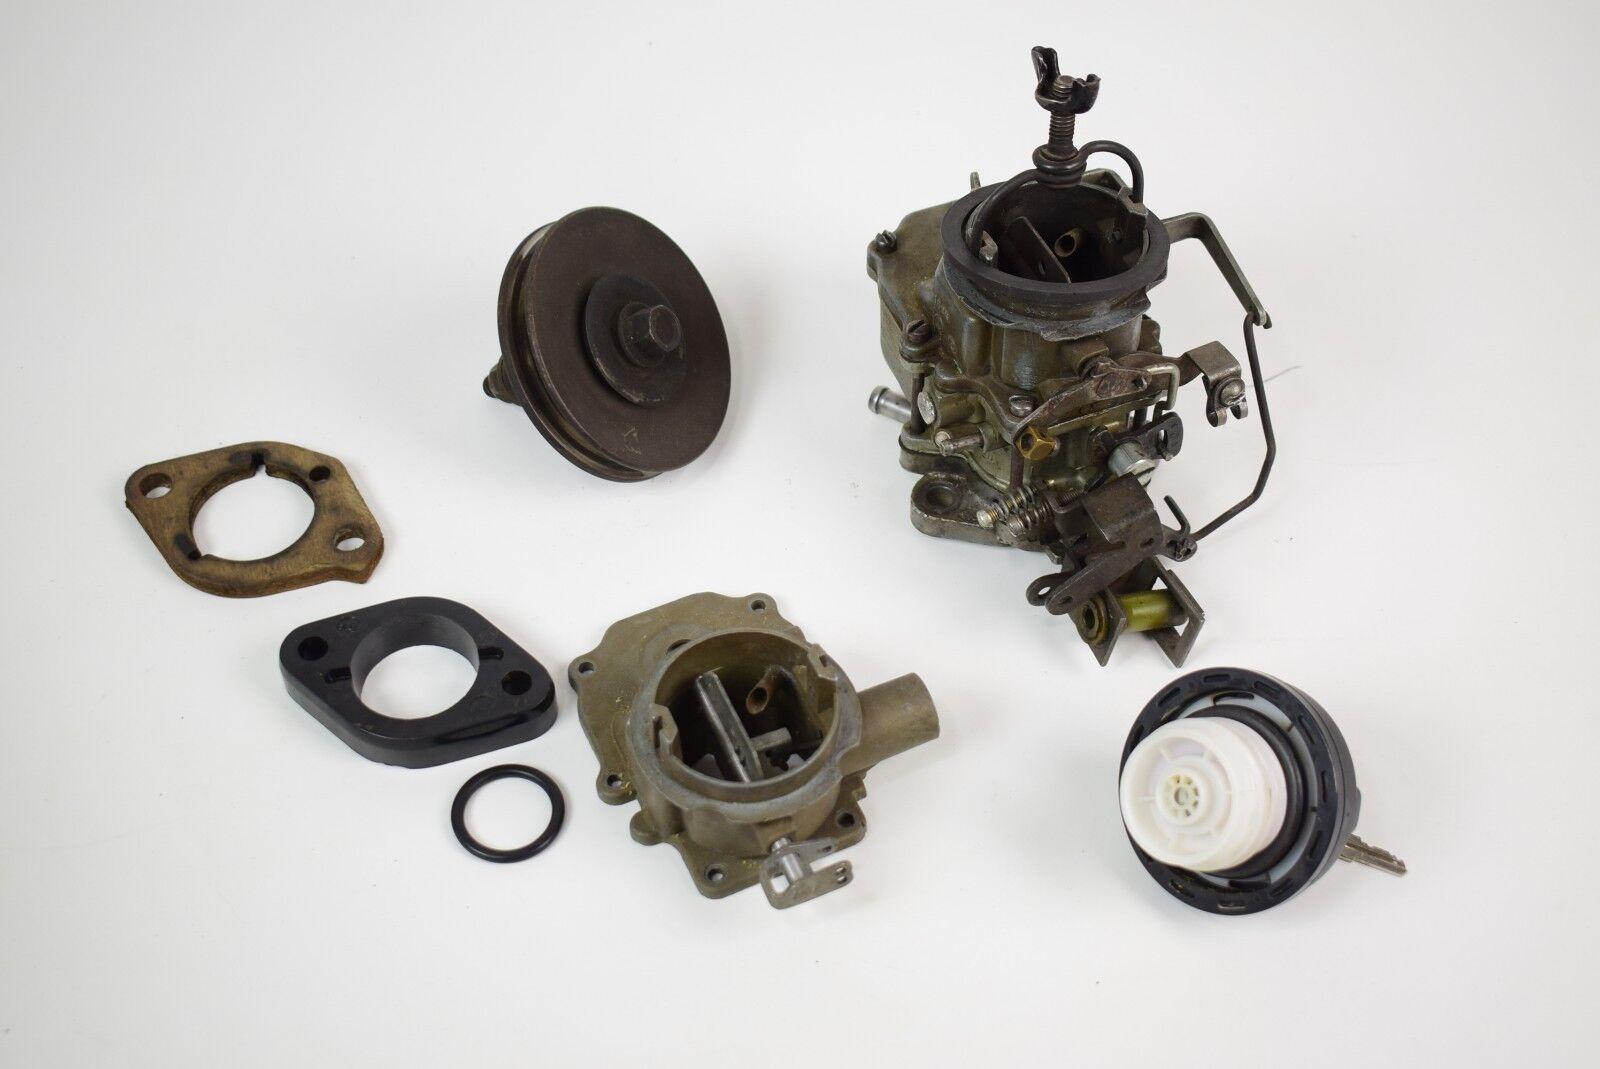 Used Chrysler Carburetors for Sale - Page 2